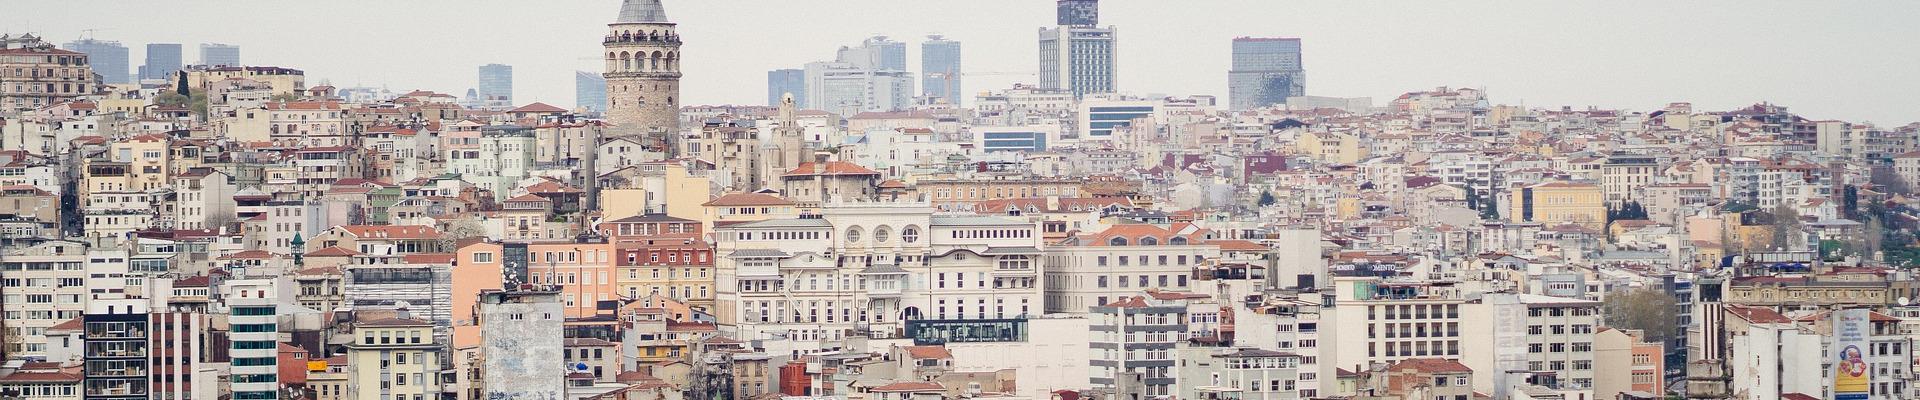 gemeinschaftlich Wohnen in der Türkei